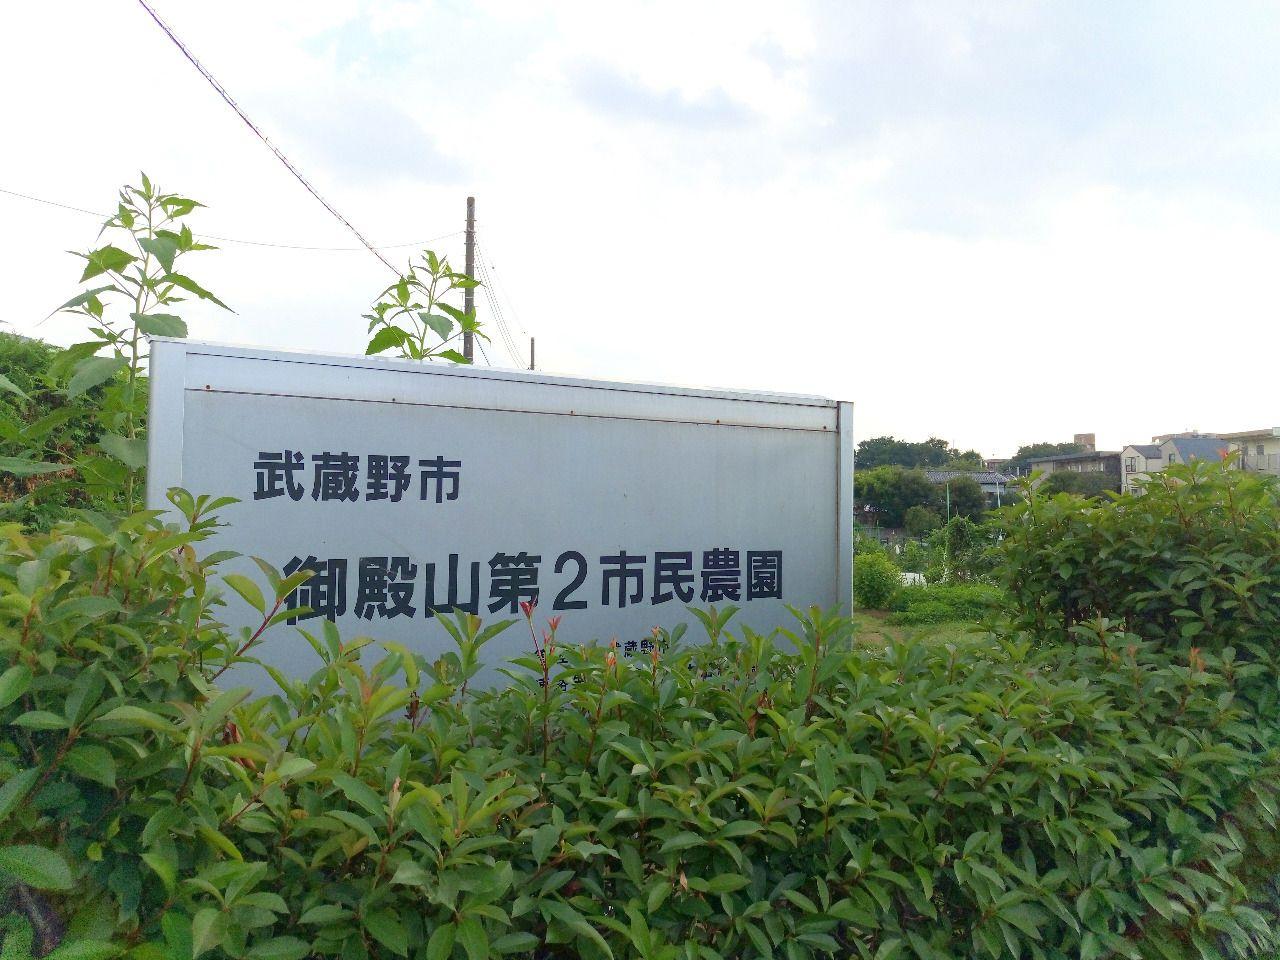 武蔵野市 市民農園